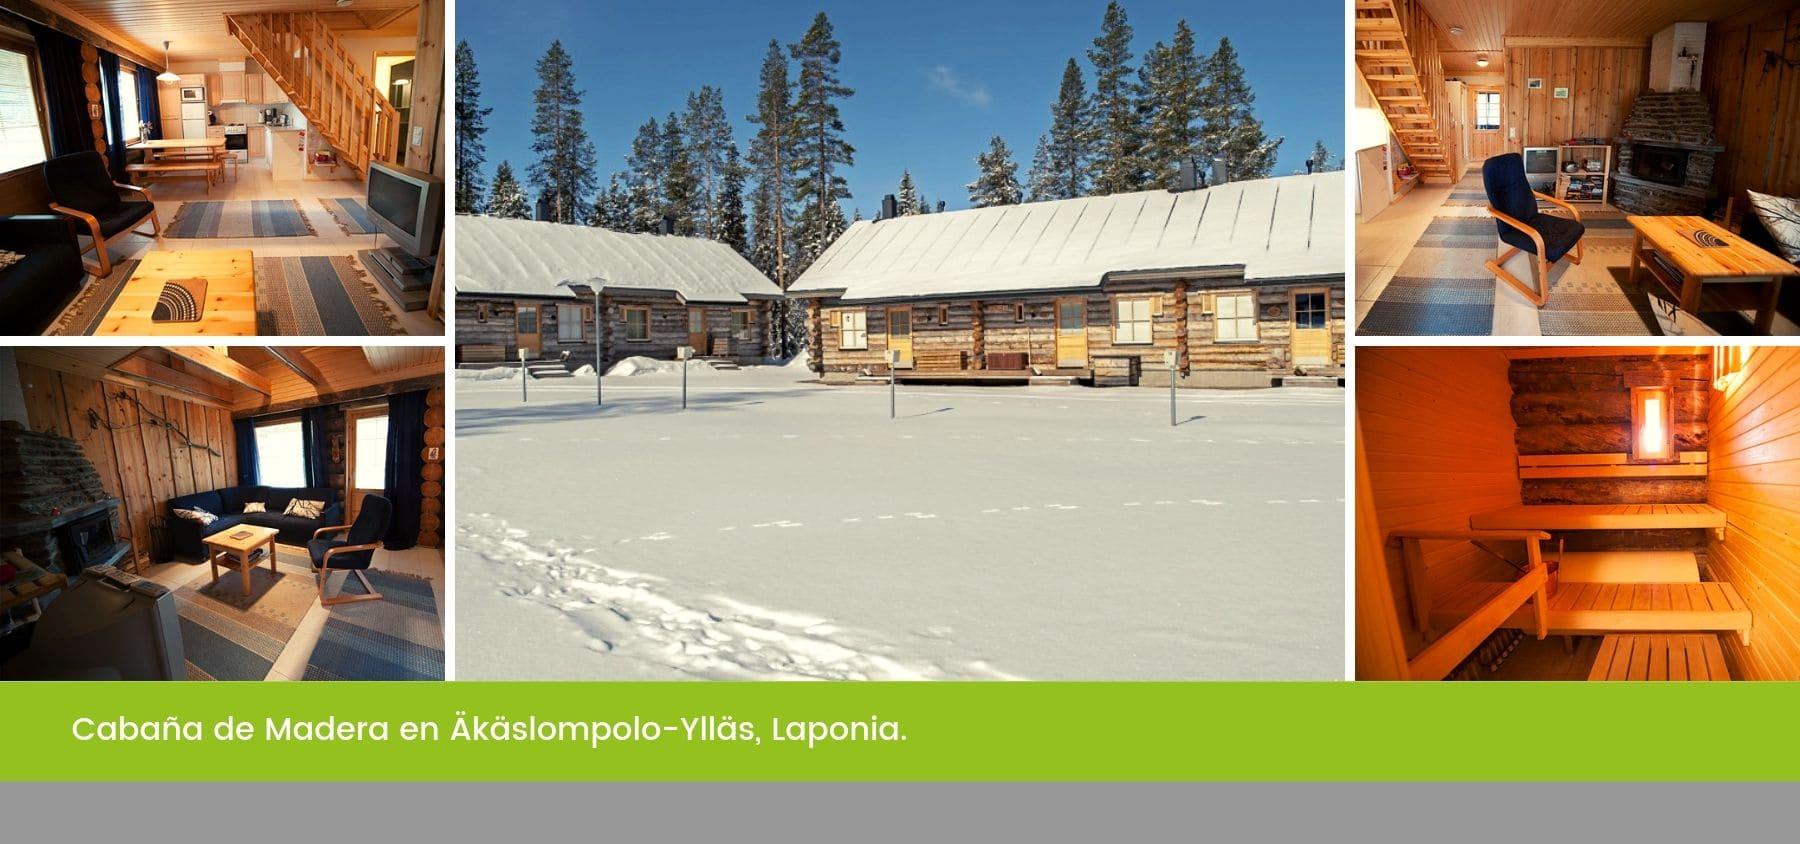 Cabaña de Madera en Äkäslompolo-Ylläs, Laponia